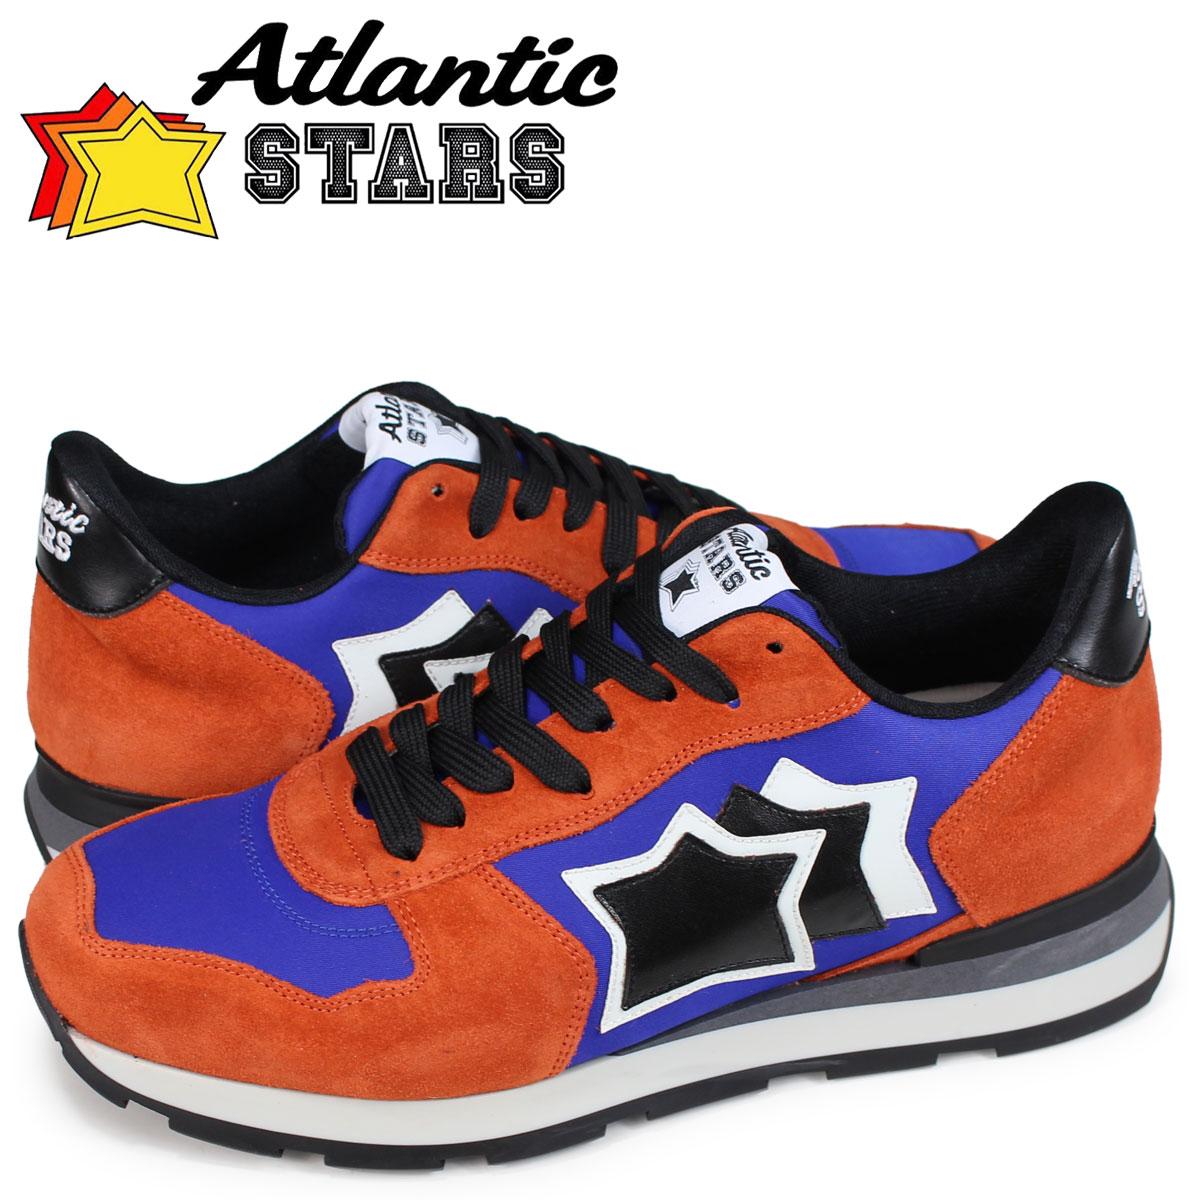 アトランティックスターズ Atlantic STARS アンタレス スニーカー メンズ ANTARES EAR-81N オレンジ